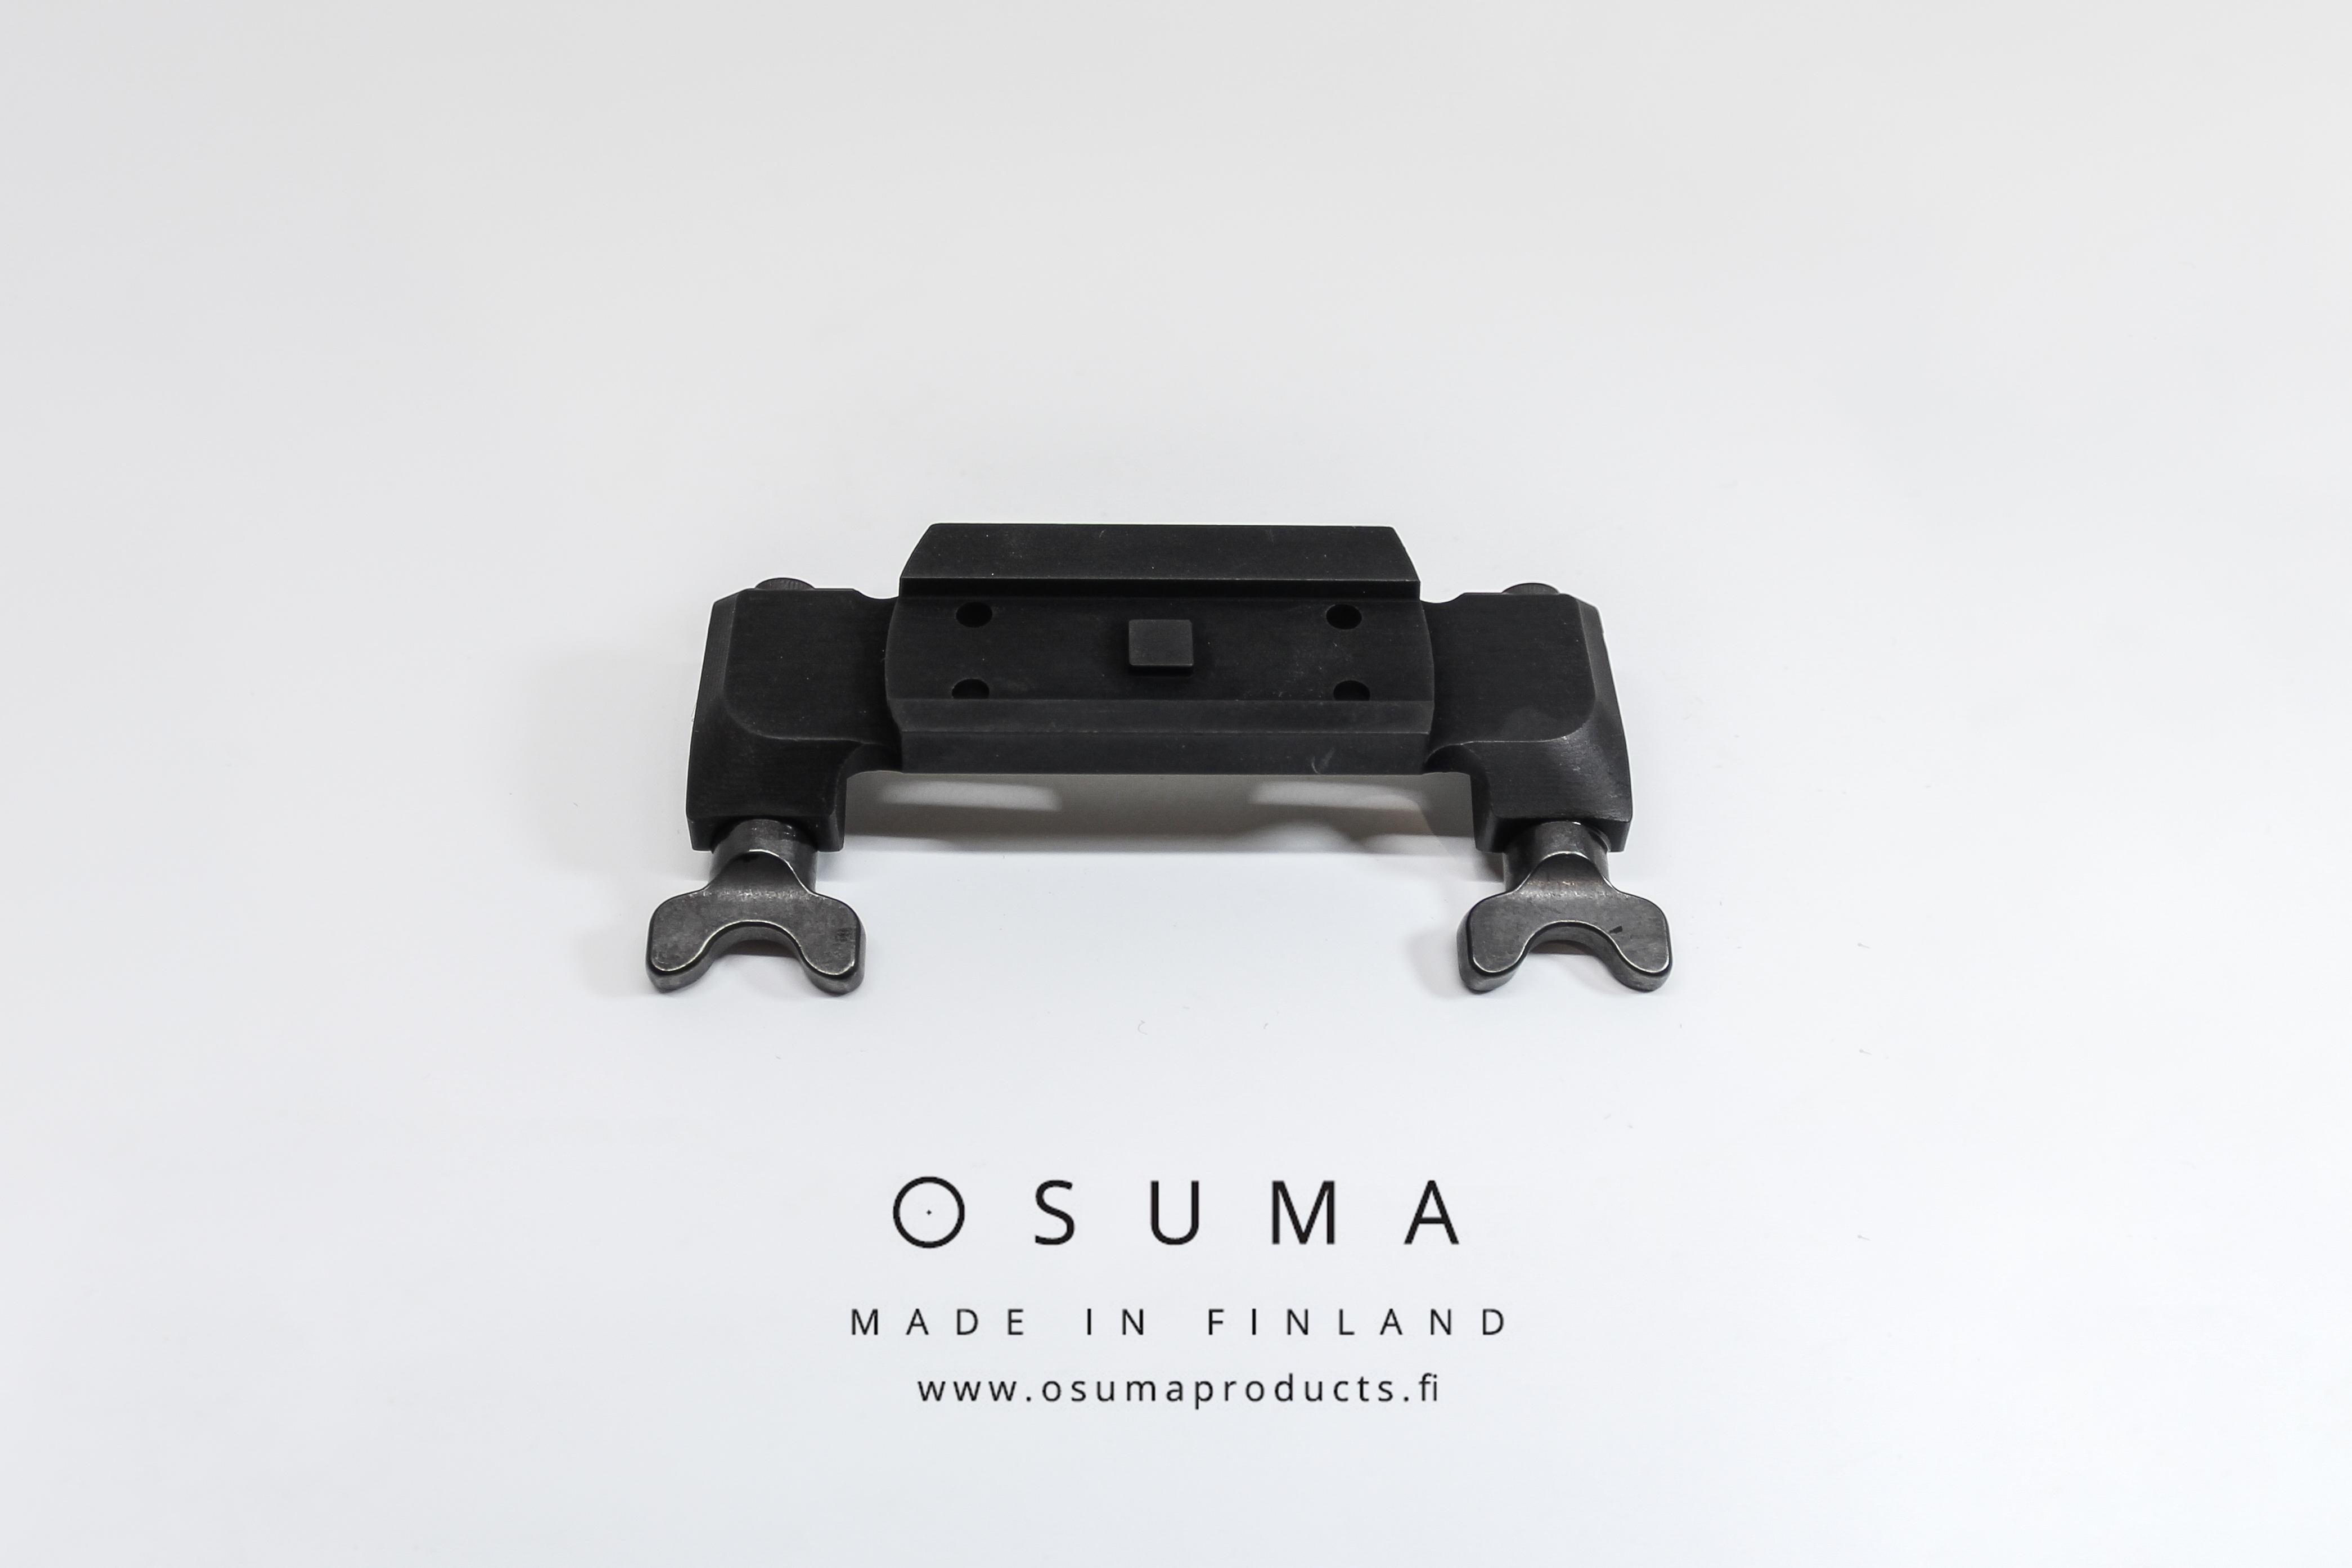 Osuma jalusta Aimpoint Micro H-1 Blaser 2 kiinnitystä OUTLET